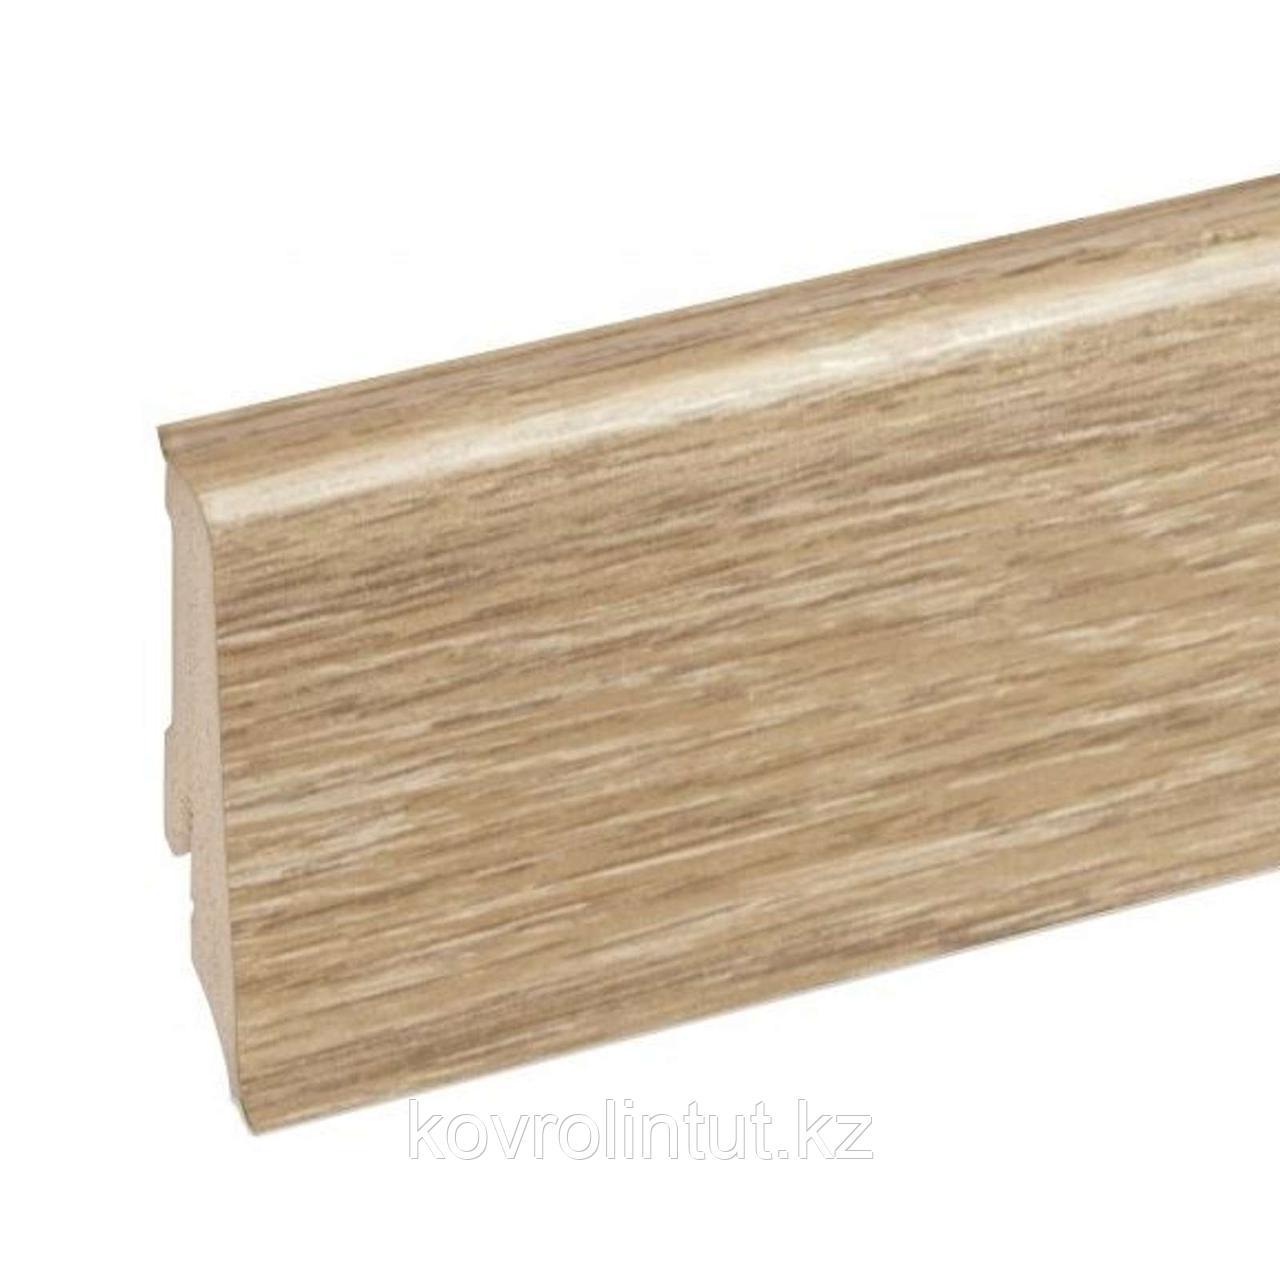 Плинтус композитный для LVT Neuhofer Holz, K0210L, 714492, 2400х59х17 мм